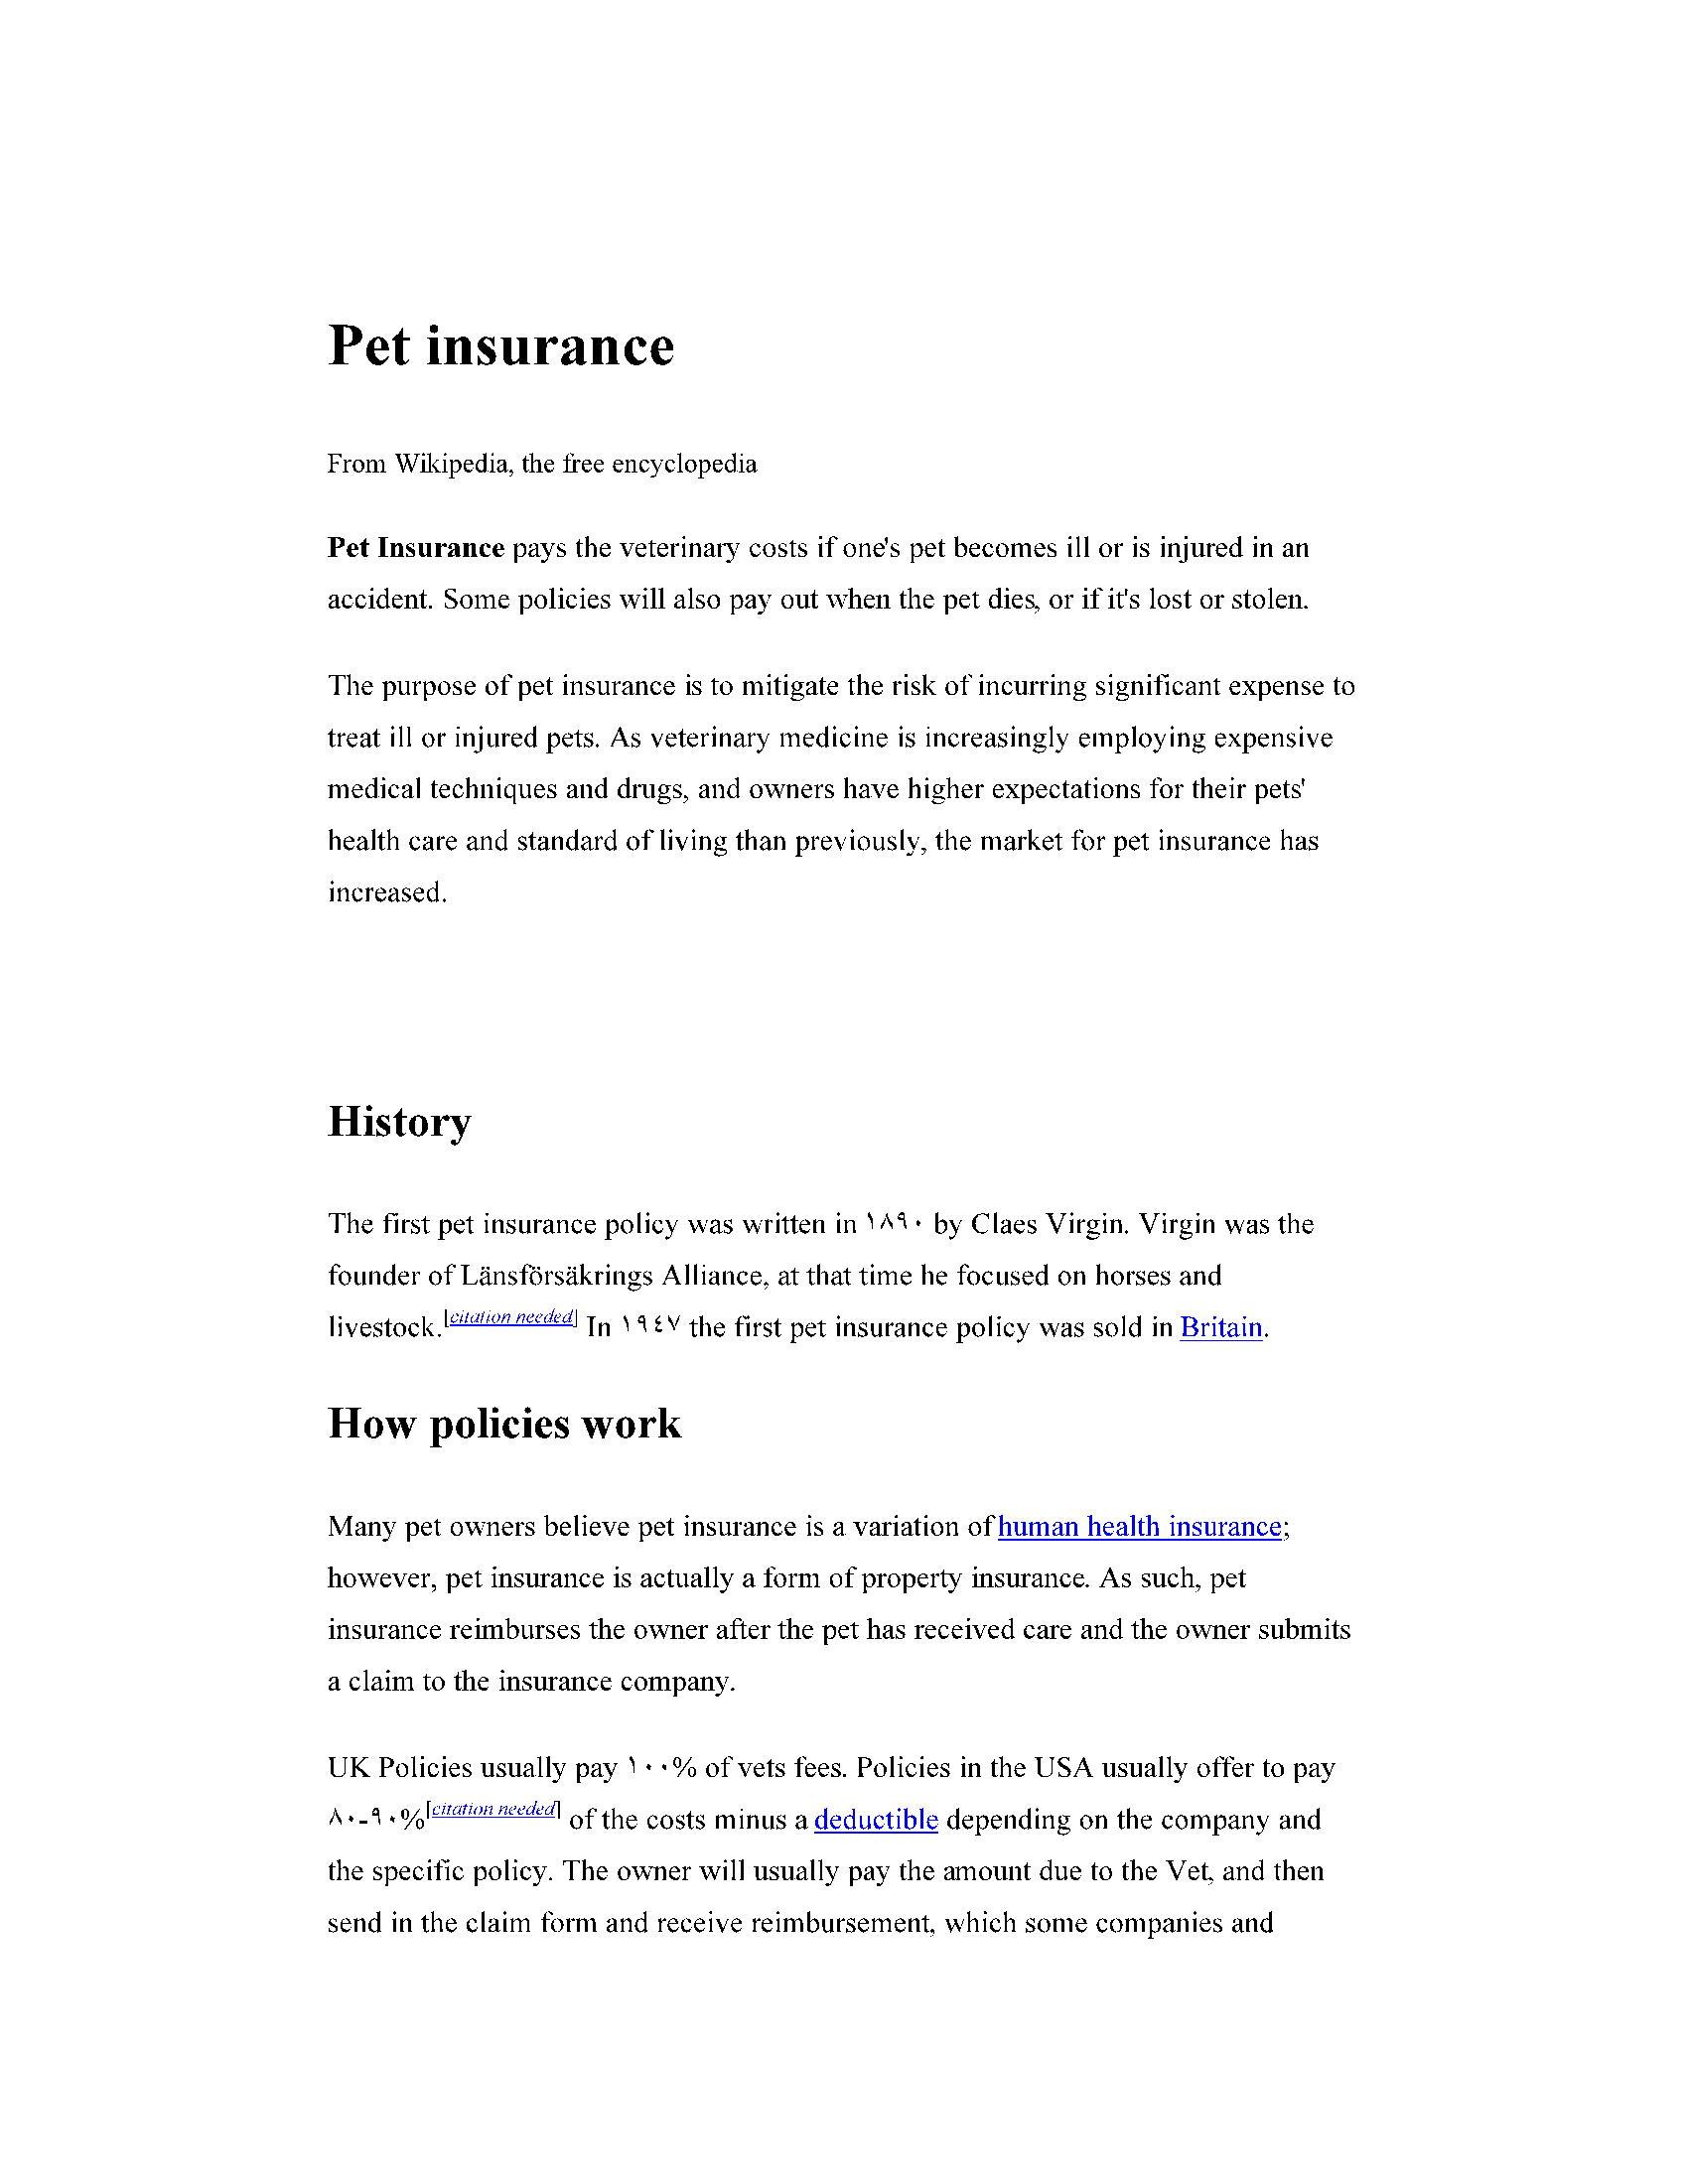 بیمه حیوانات خانگی  Pet insurance